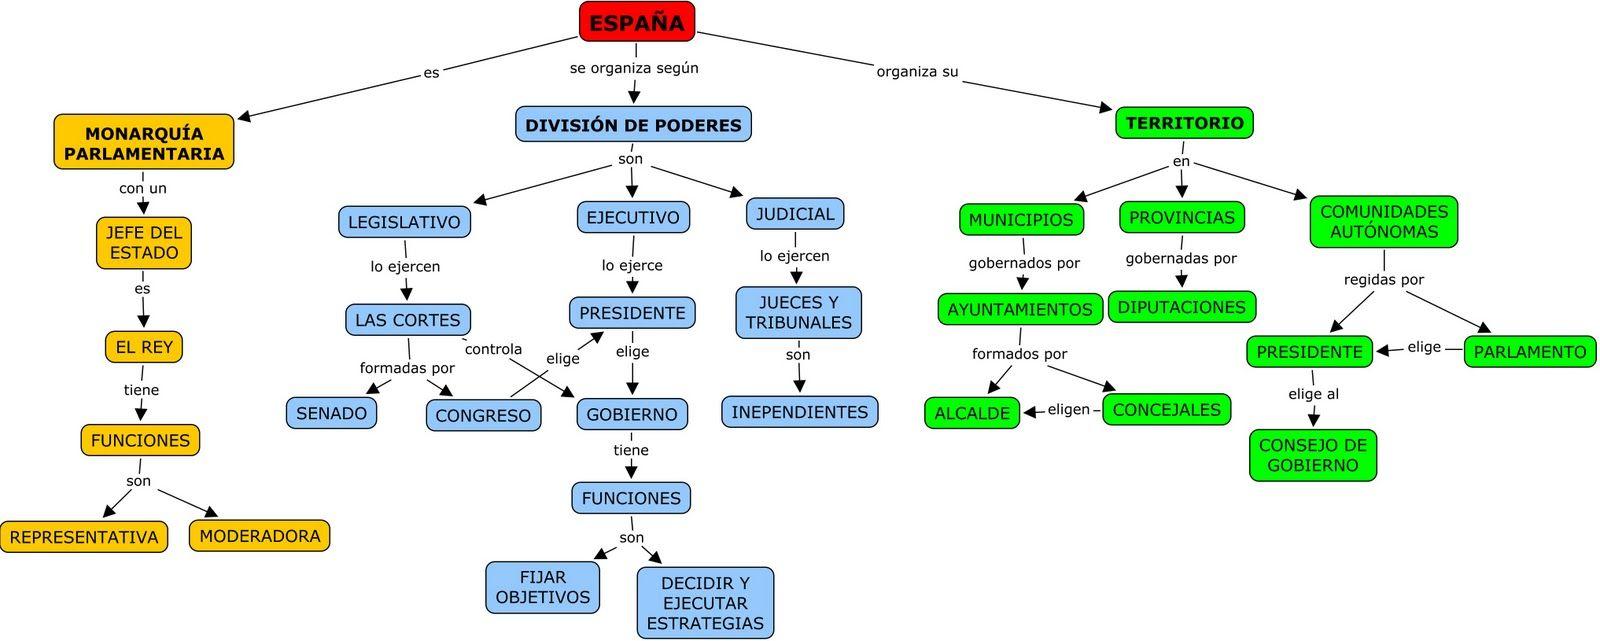 Mapa Conceptual De España Sobre Su Organización Política Y